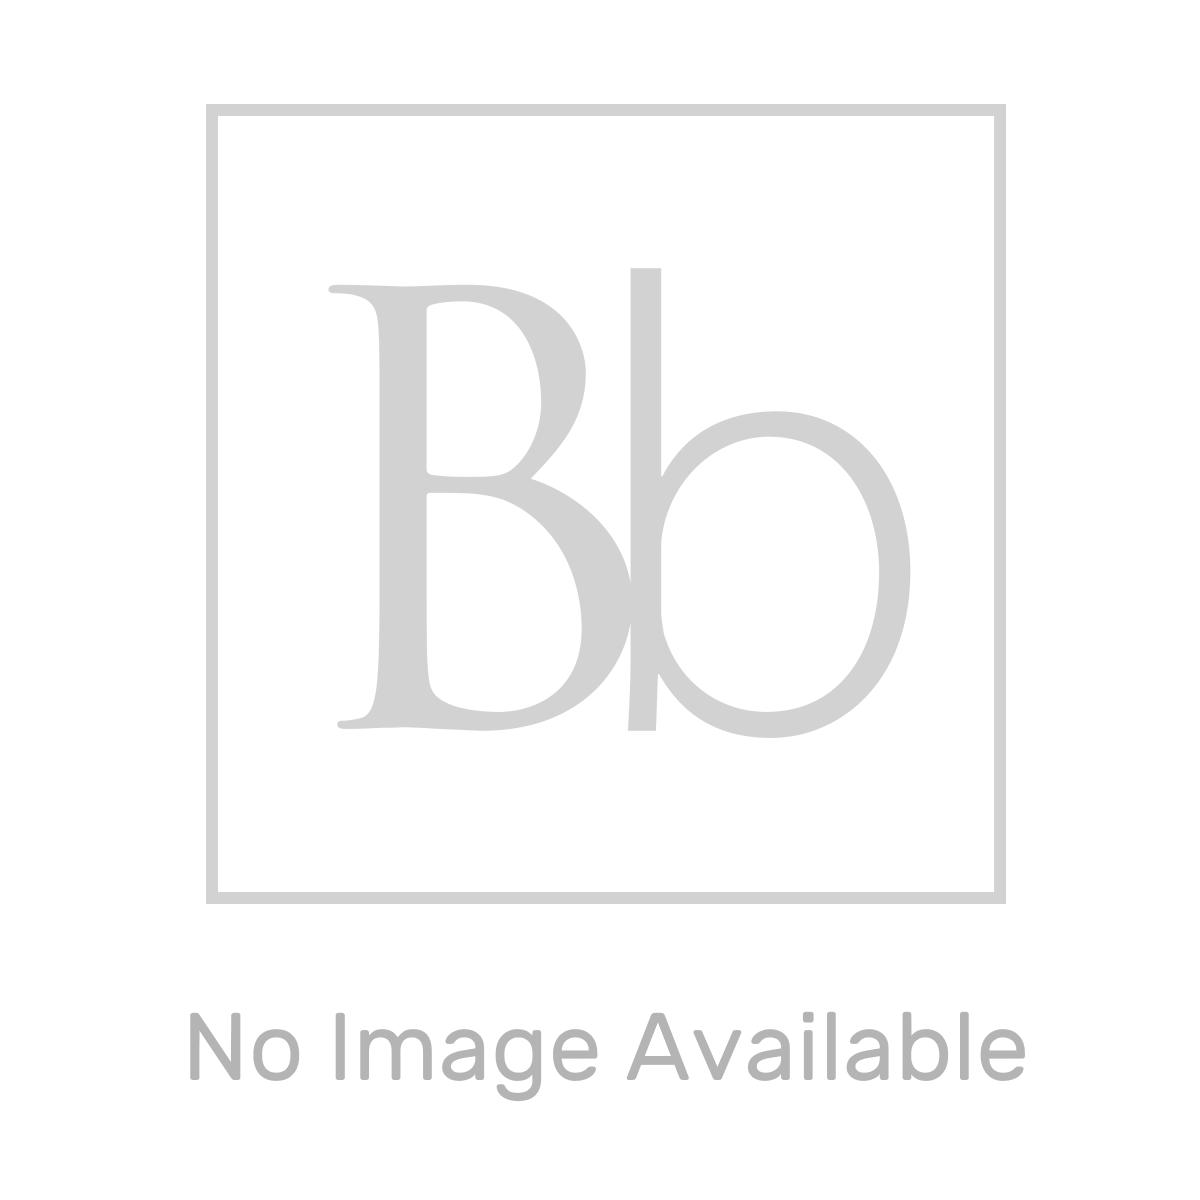 RAK Resort En-Suite with Quadrant Shower Enclosure